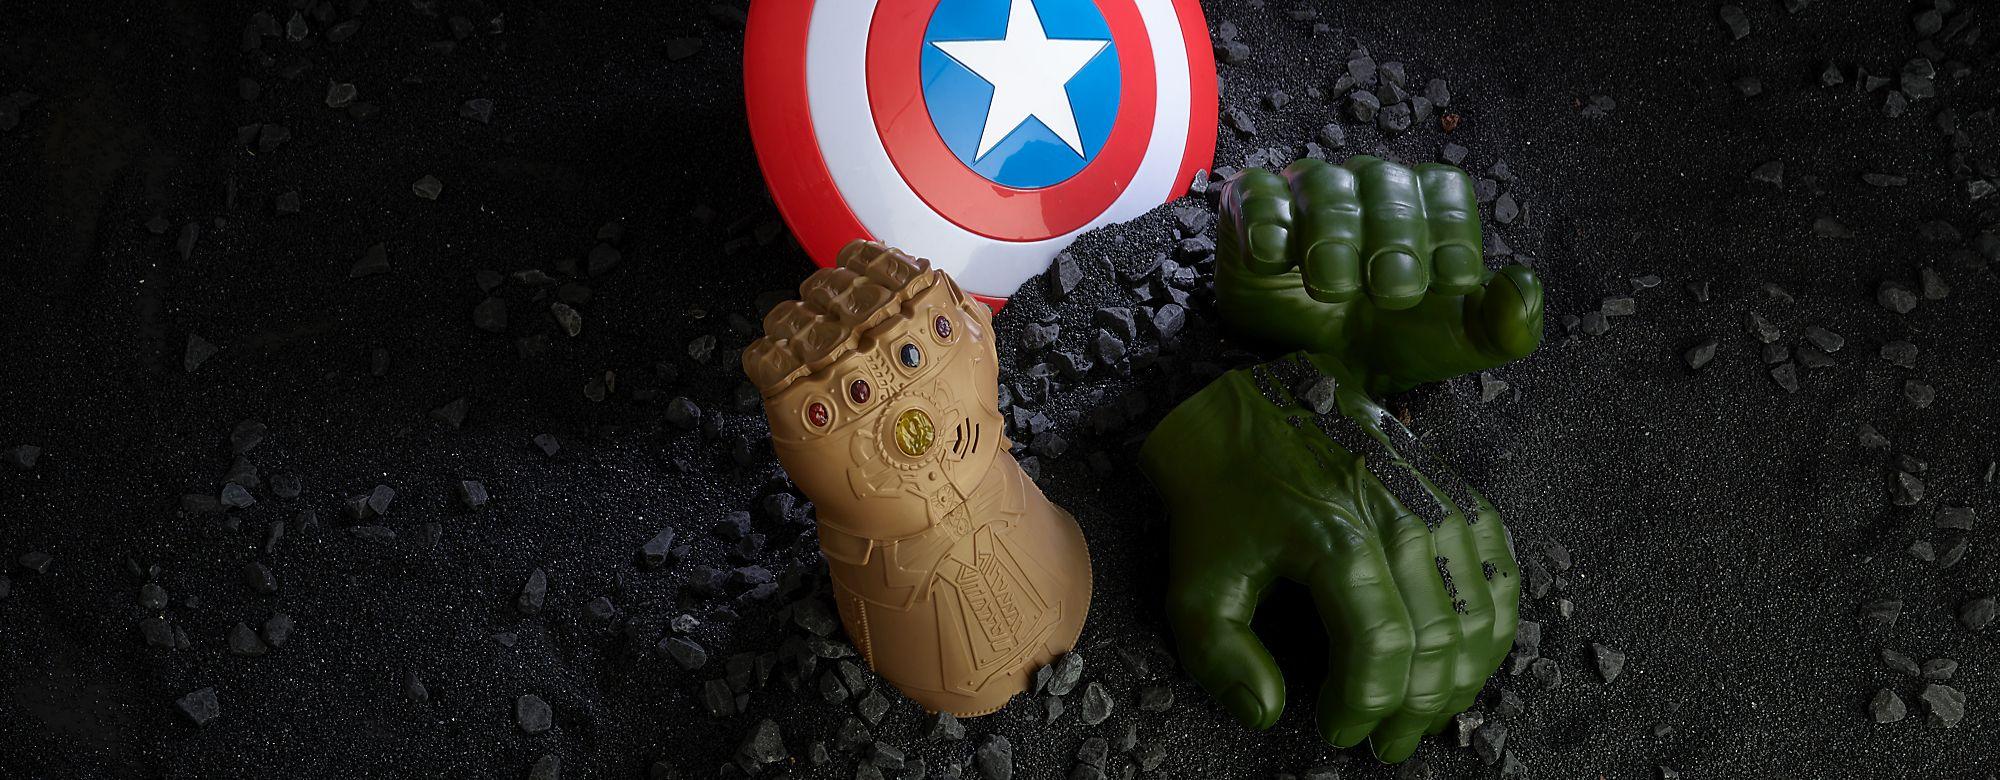 Marvel Découvrez notre vaste collection de produits inspirés des super-héros Marvel !